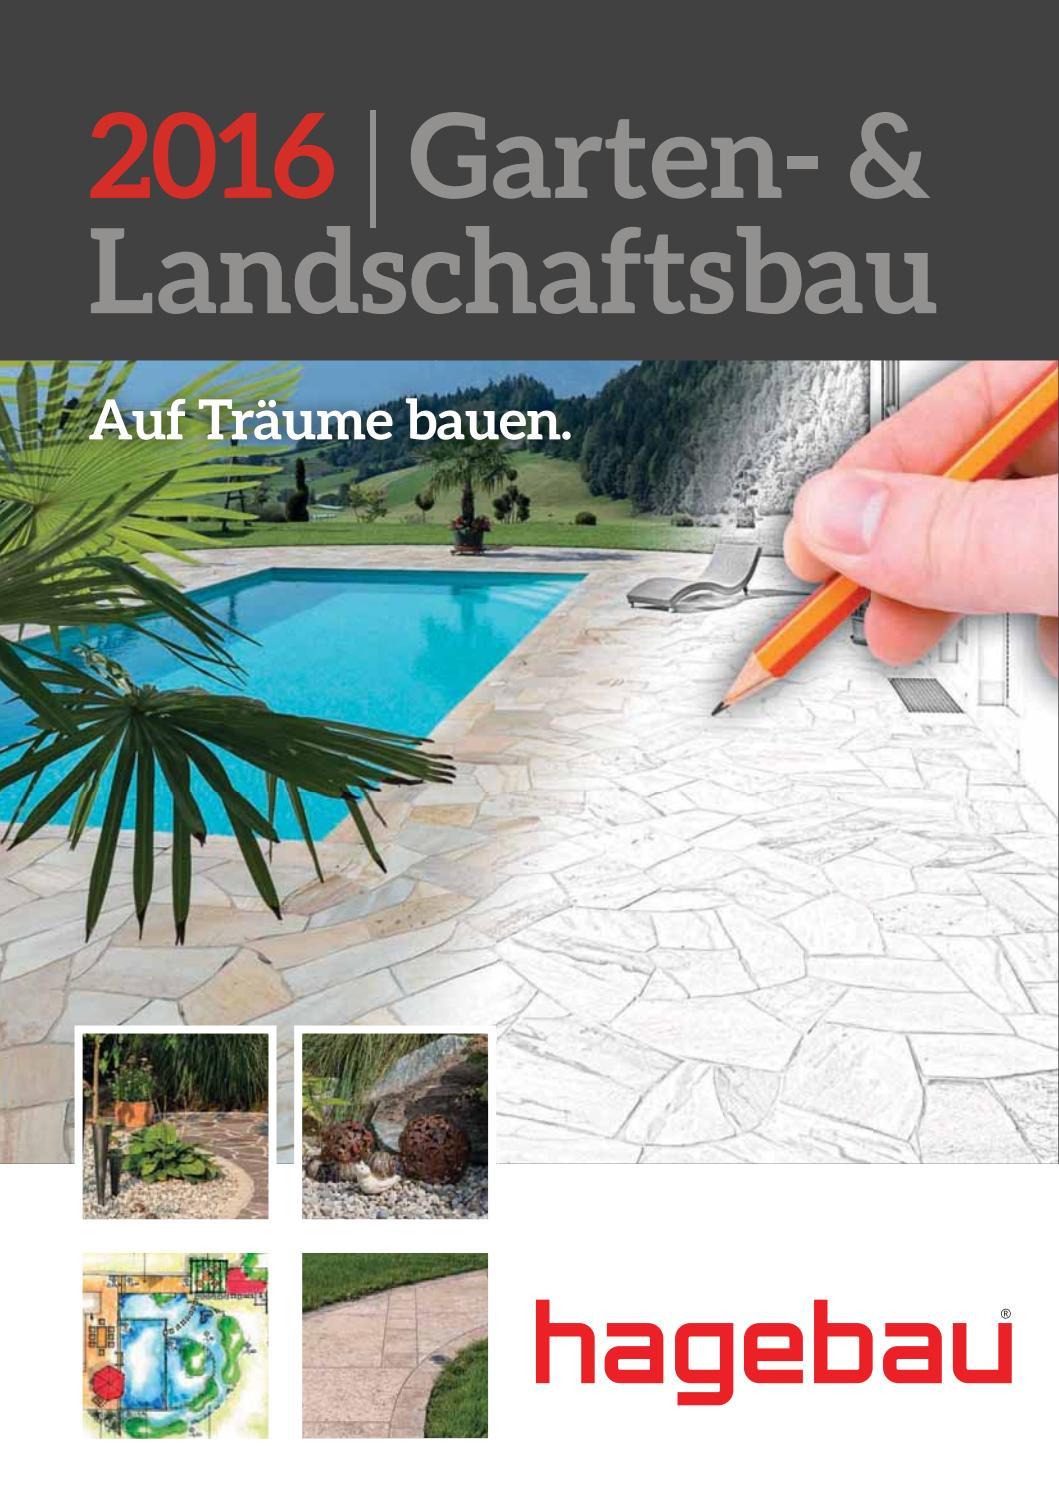 Quellsteine Im Garten Schön Katalog Garten Und Landschaftsbau by Lieb issuu